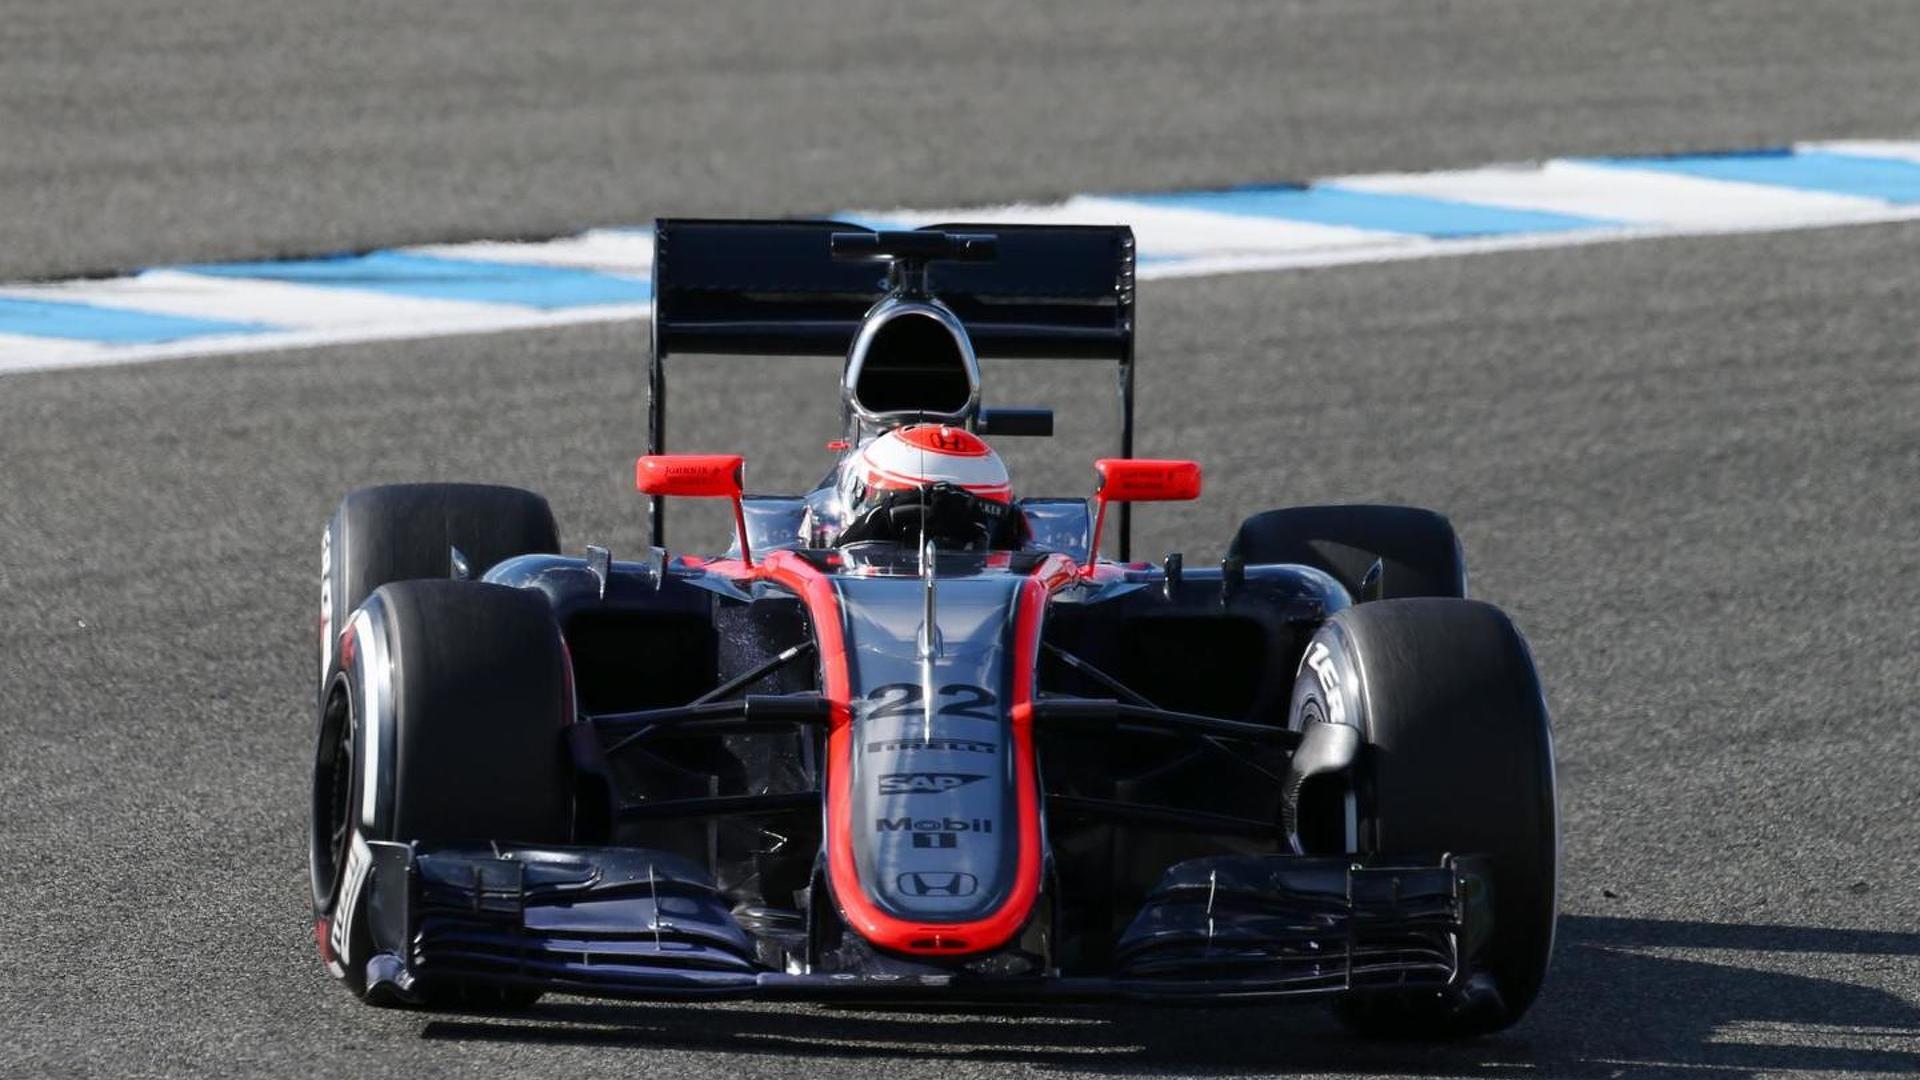 McLaren-Honda in 'terrible trouble' - Brundle